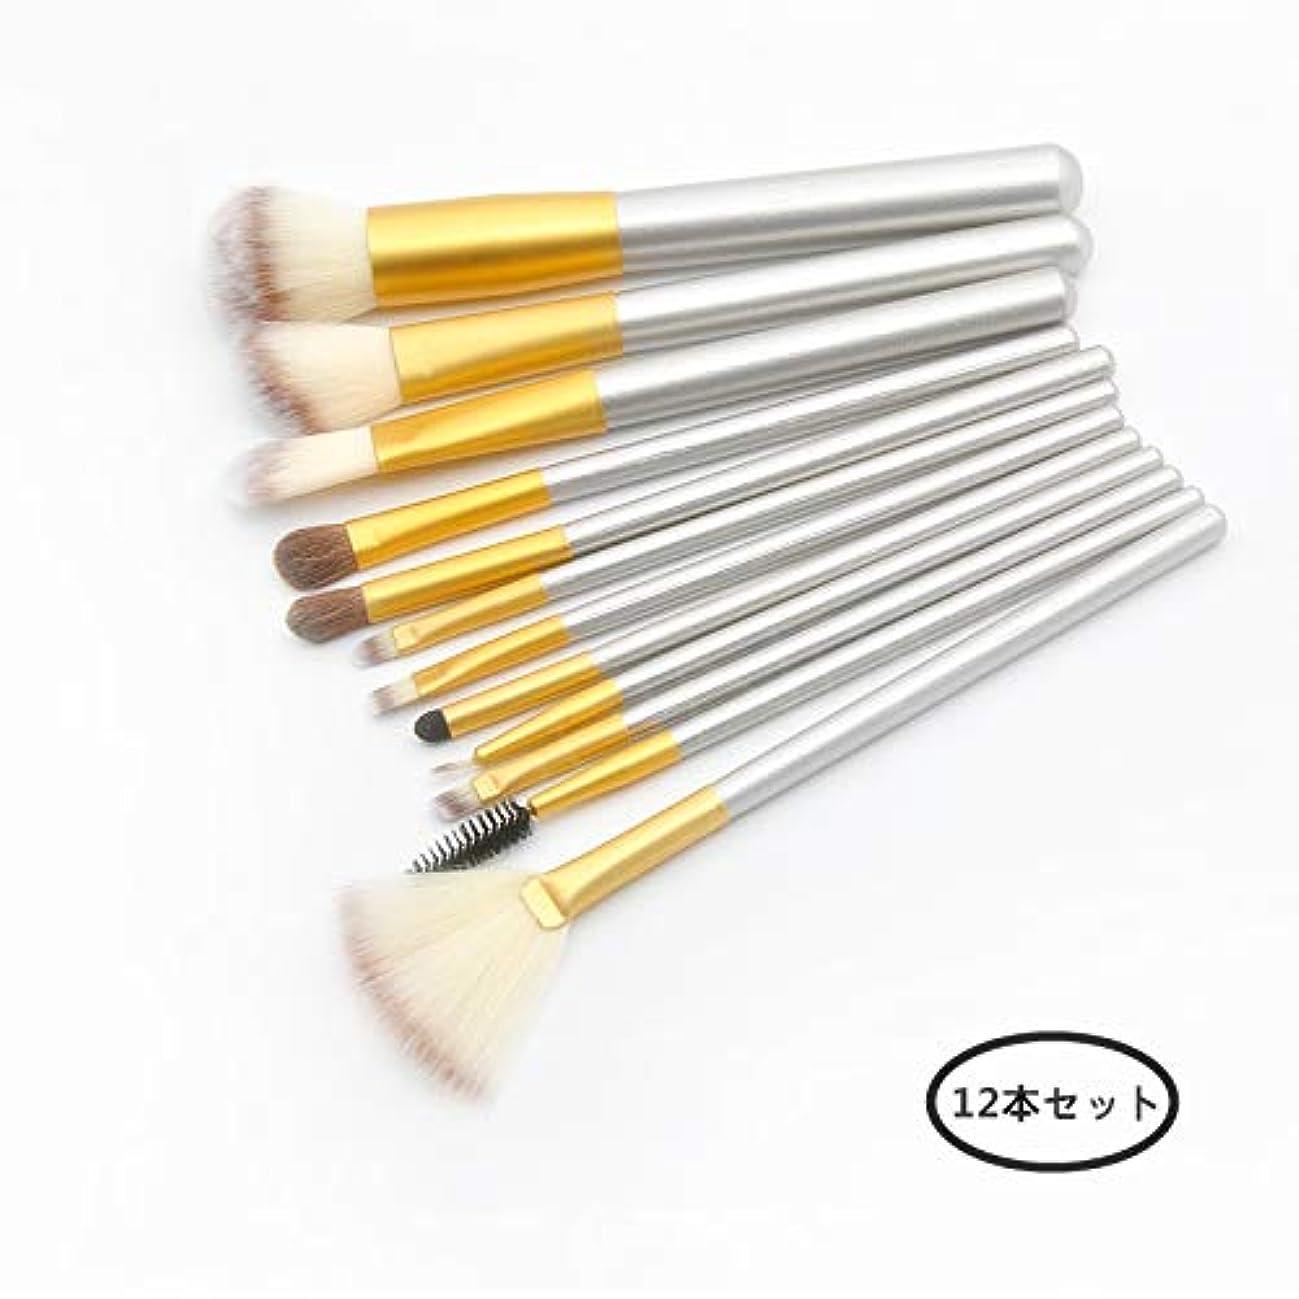 明日バトル地下鉄NexGadget メイクブラシ 化粧ブラシ 化粧筆 コスメブラシ 13本セット 12本セット 多機能メイクブラシケース付き 高級繊維毛 毛質ふわふわ ギフト プレゼント 贈り物 ブラック (クリーム)